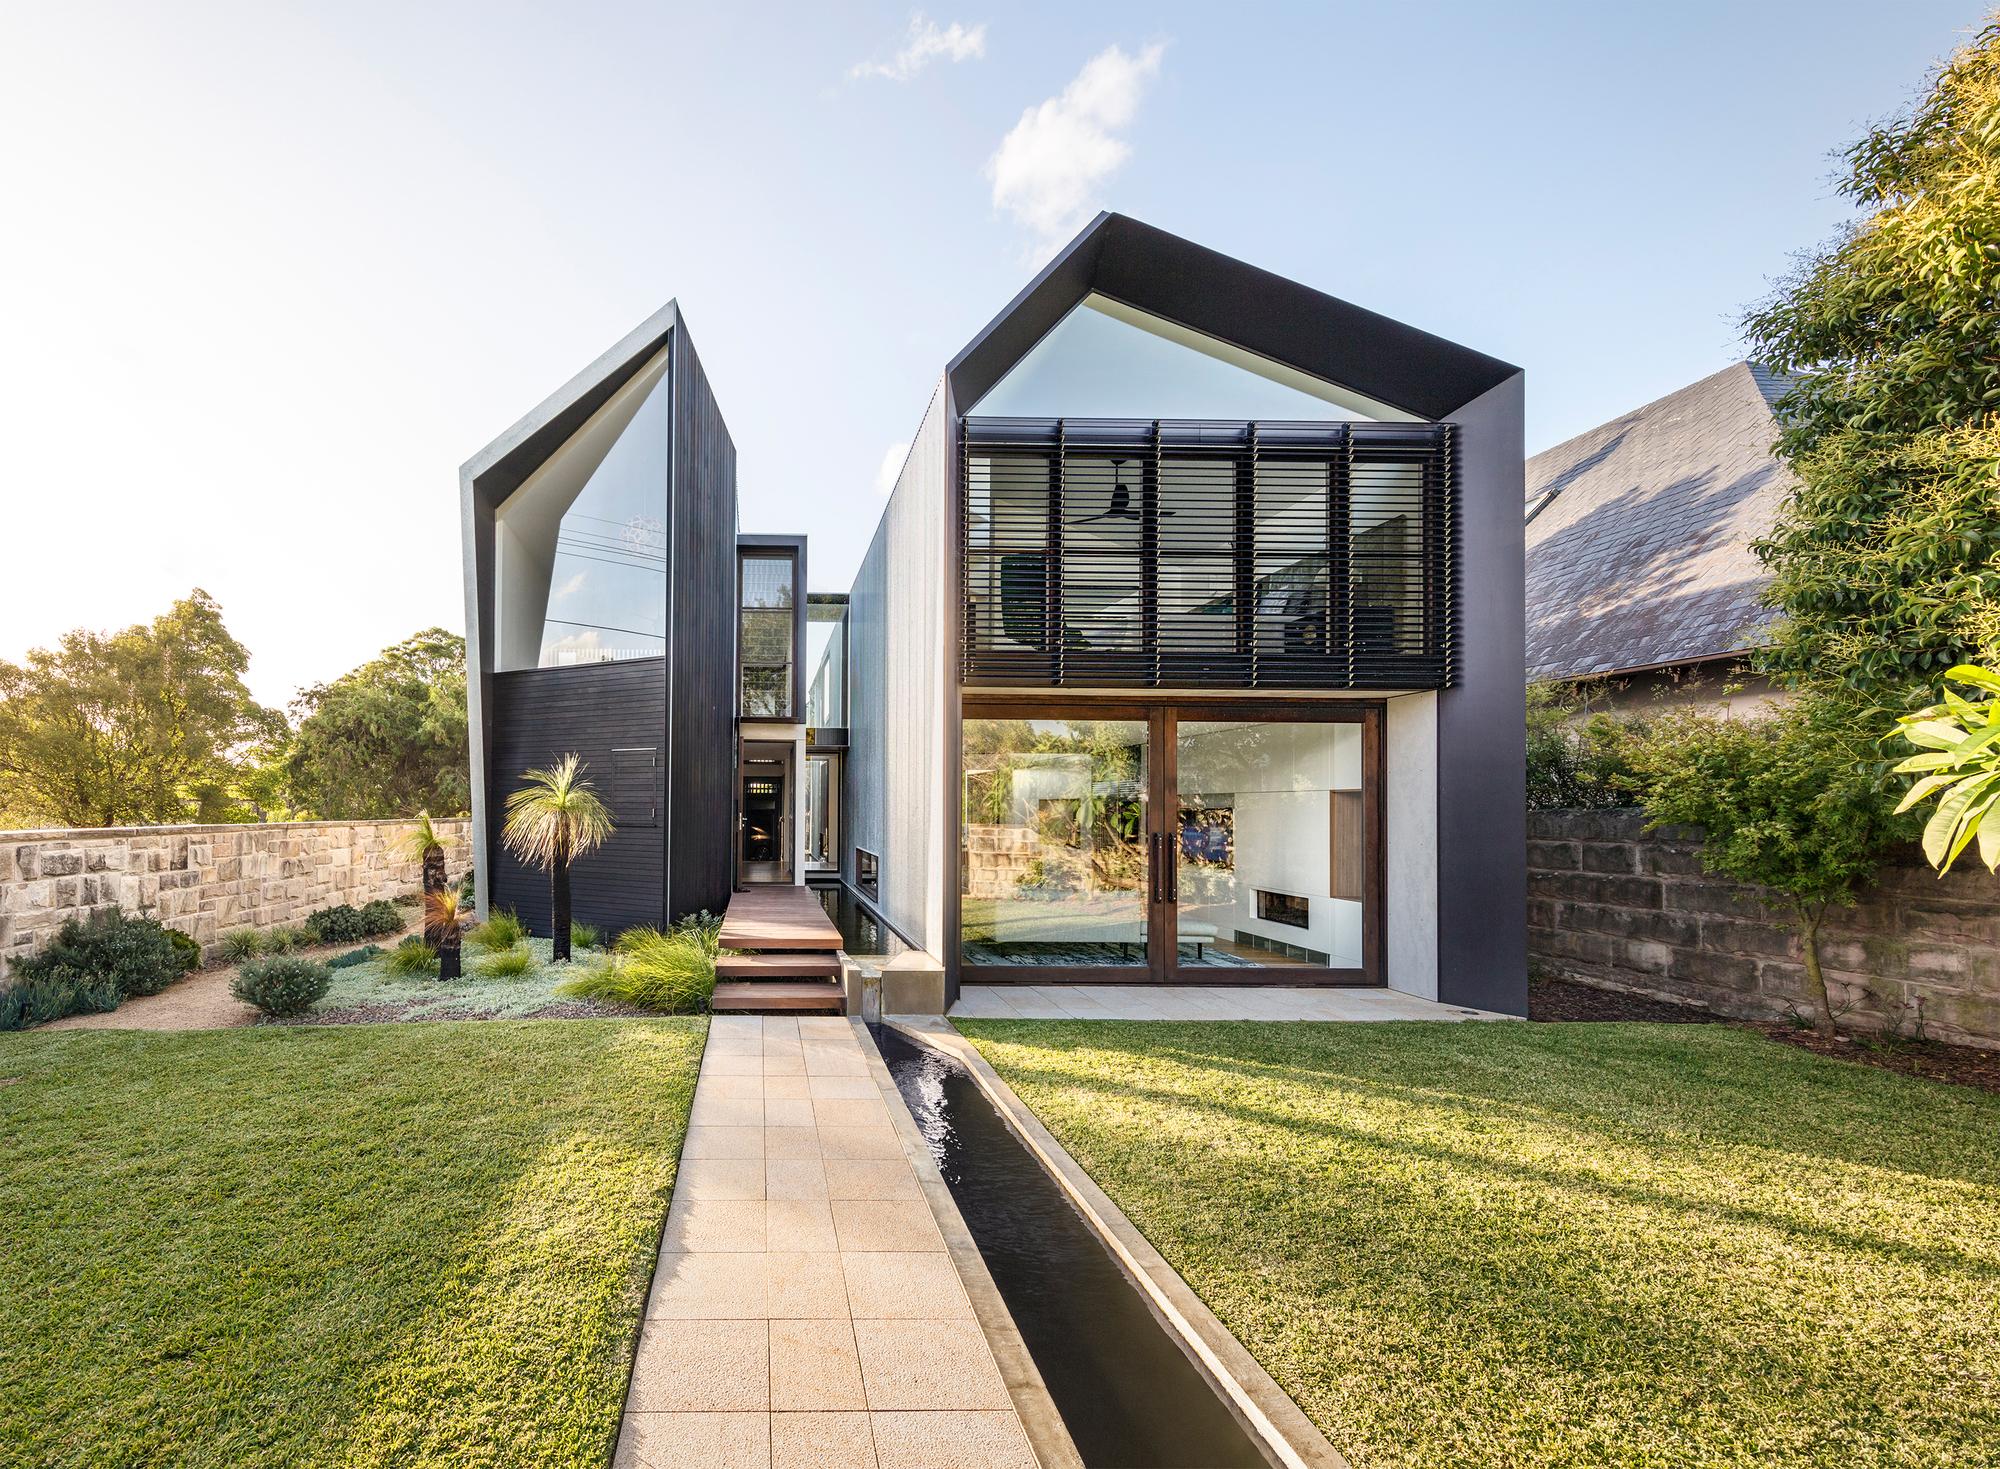 Iron Maiden House / CplusC Architectural Workshop